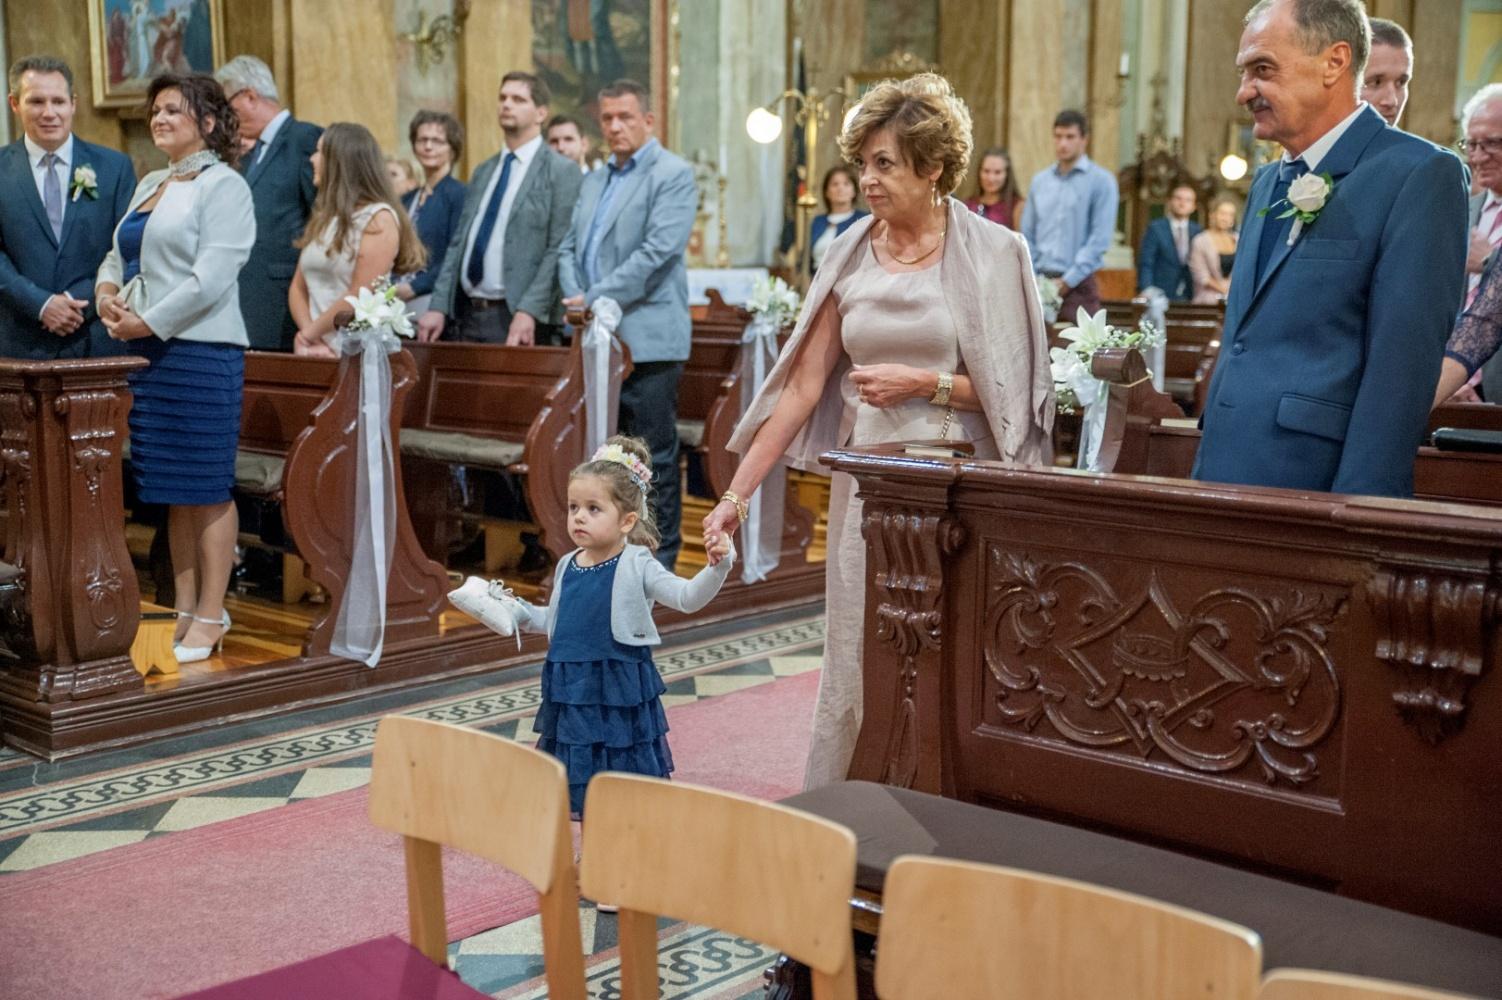 http://www.fotoz.sk/images/gallery-31/normal/eskuvo_dunaharaszti-rendezvenyhaz_235.jpg